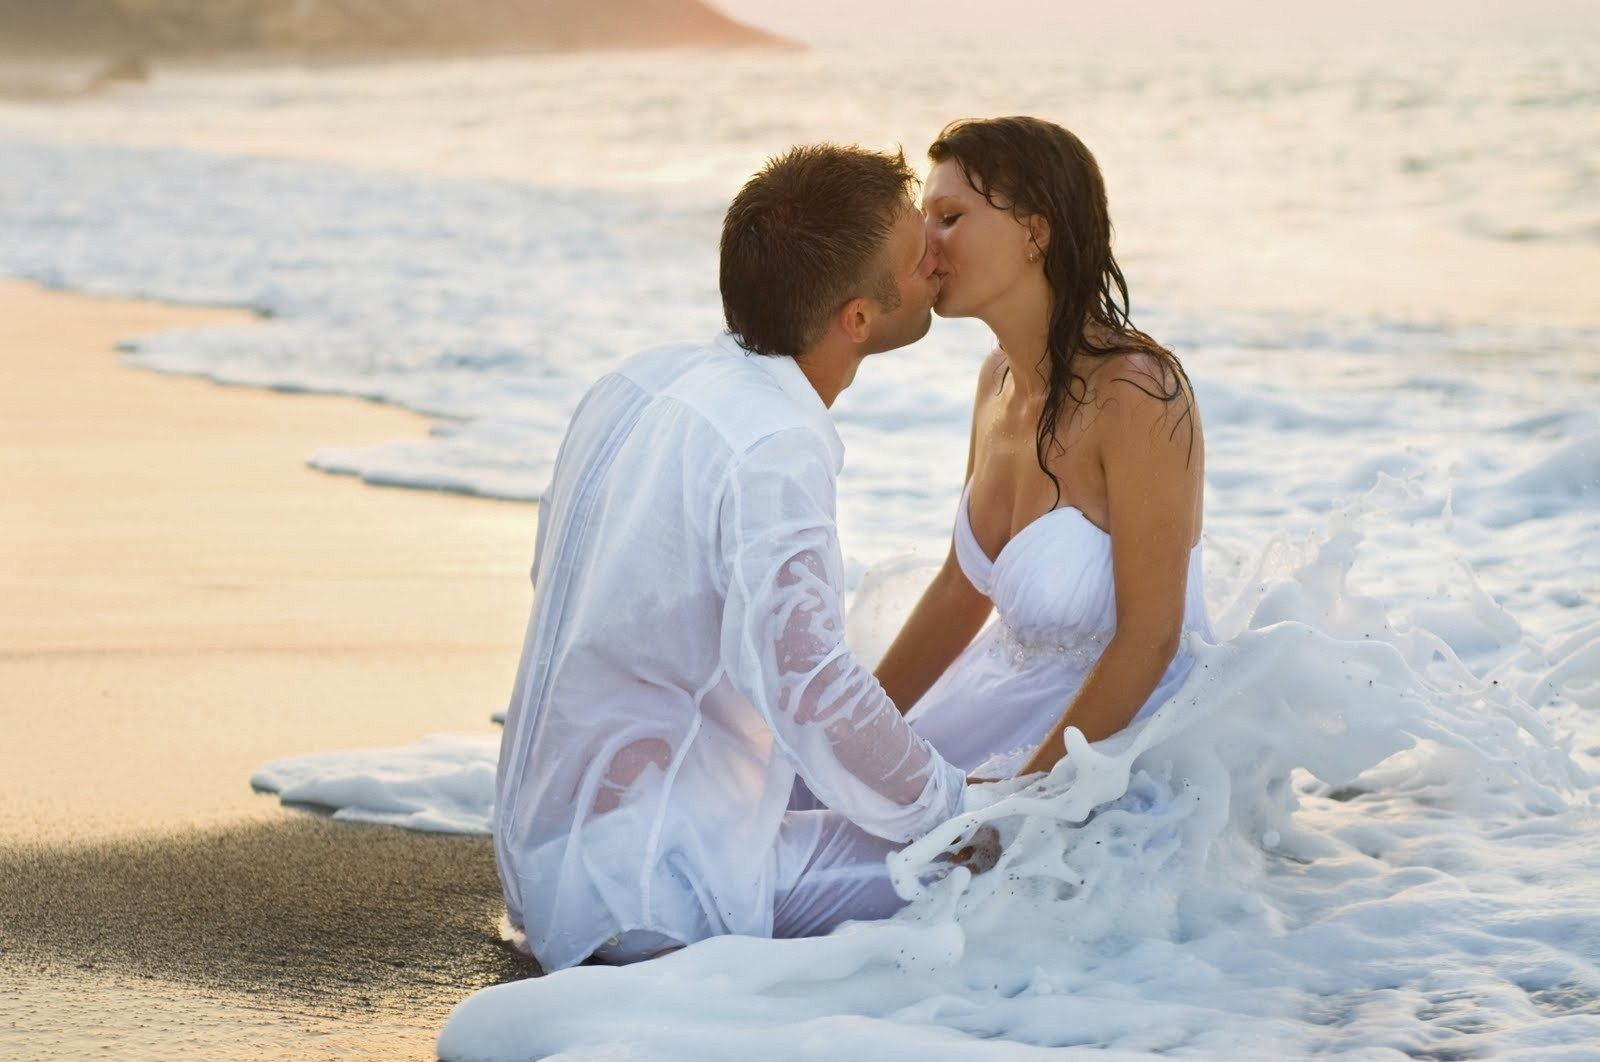 Bir Erkeğin Aşık Olduğu Nasıl Anlaşılır